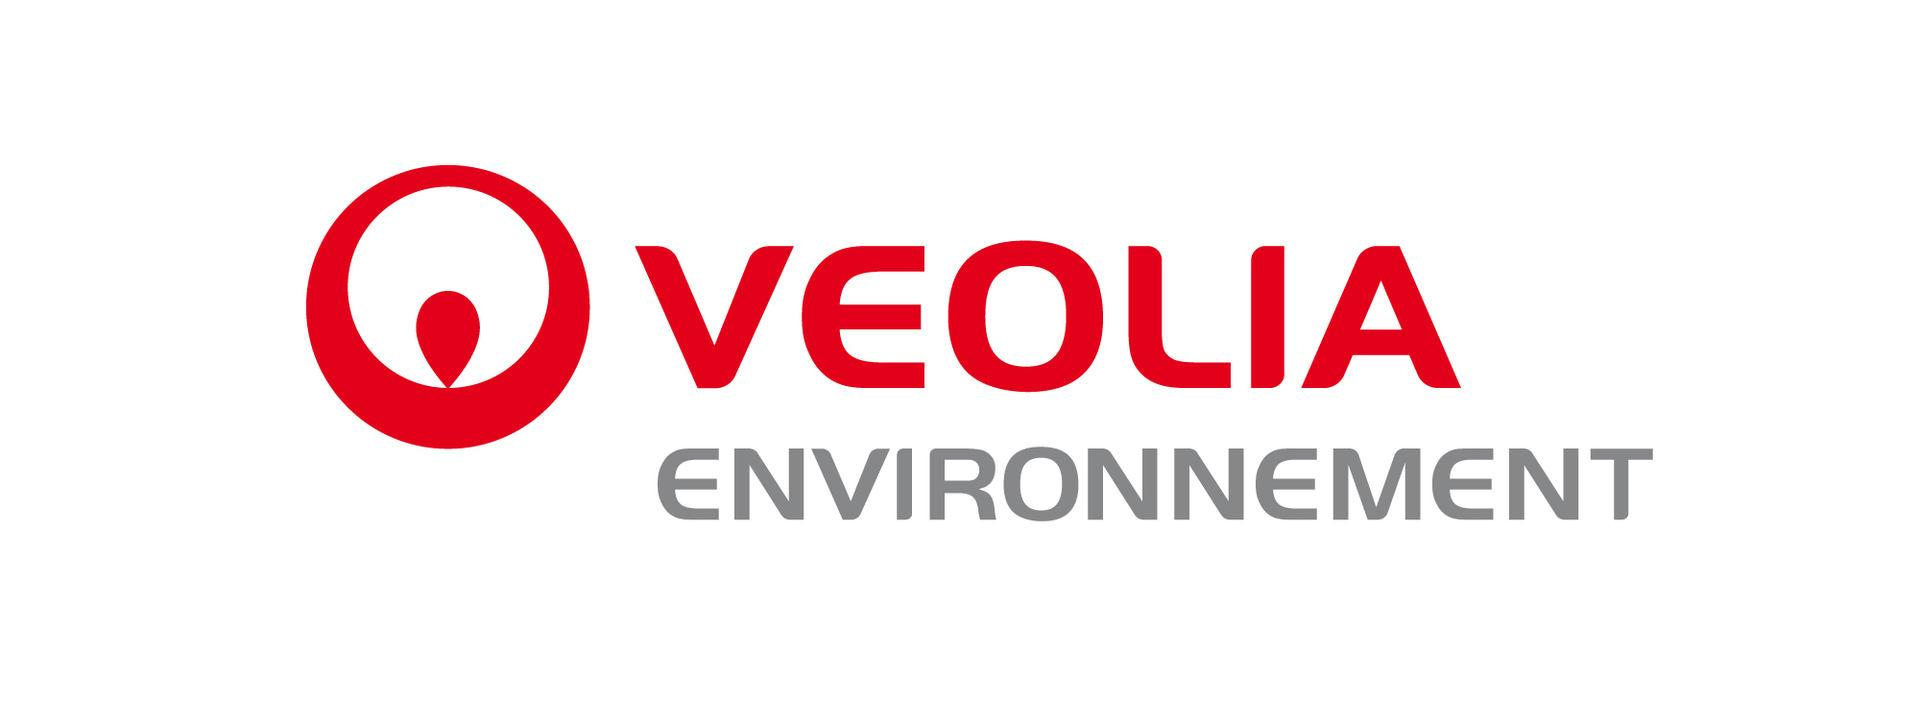 image logo veolia